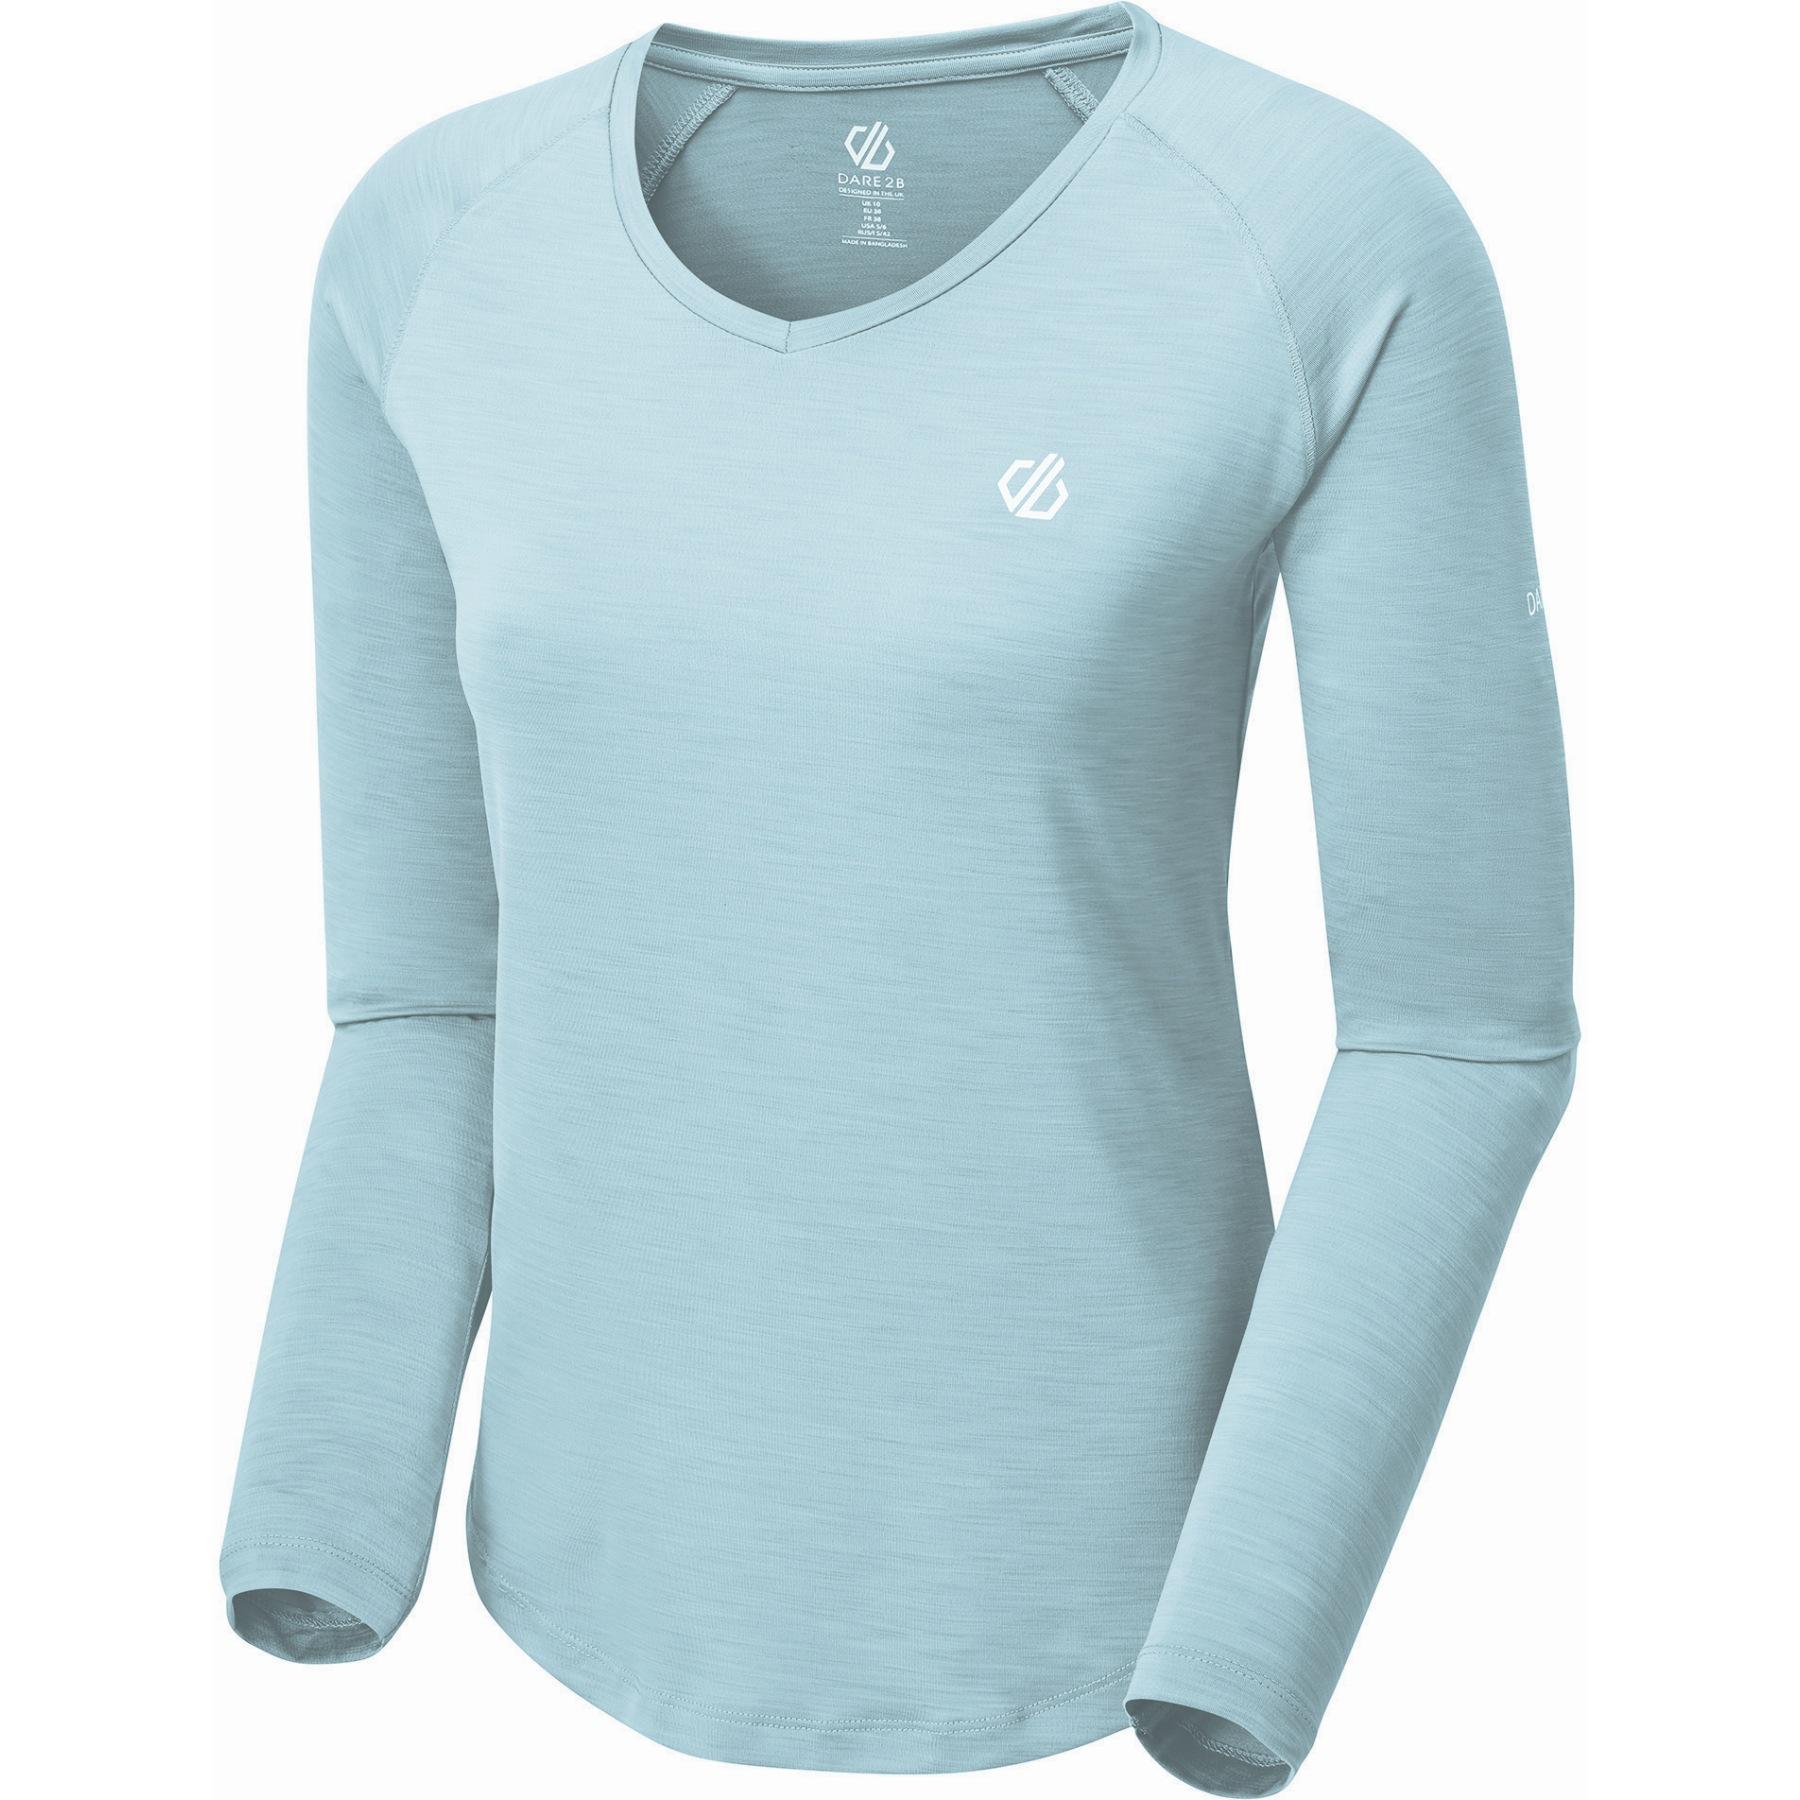 Produktbild von Dare 2b Discern Langarm-Shirt Damen - WKC Cameo Green